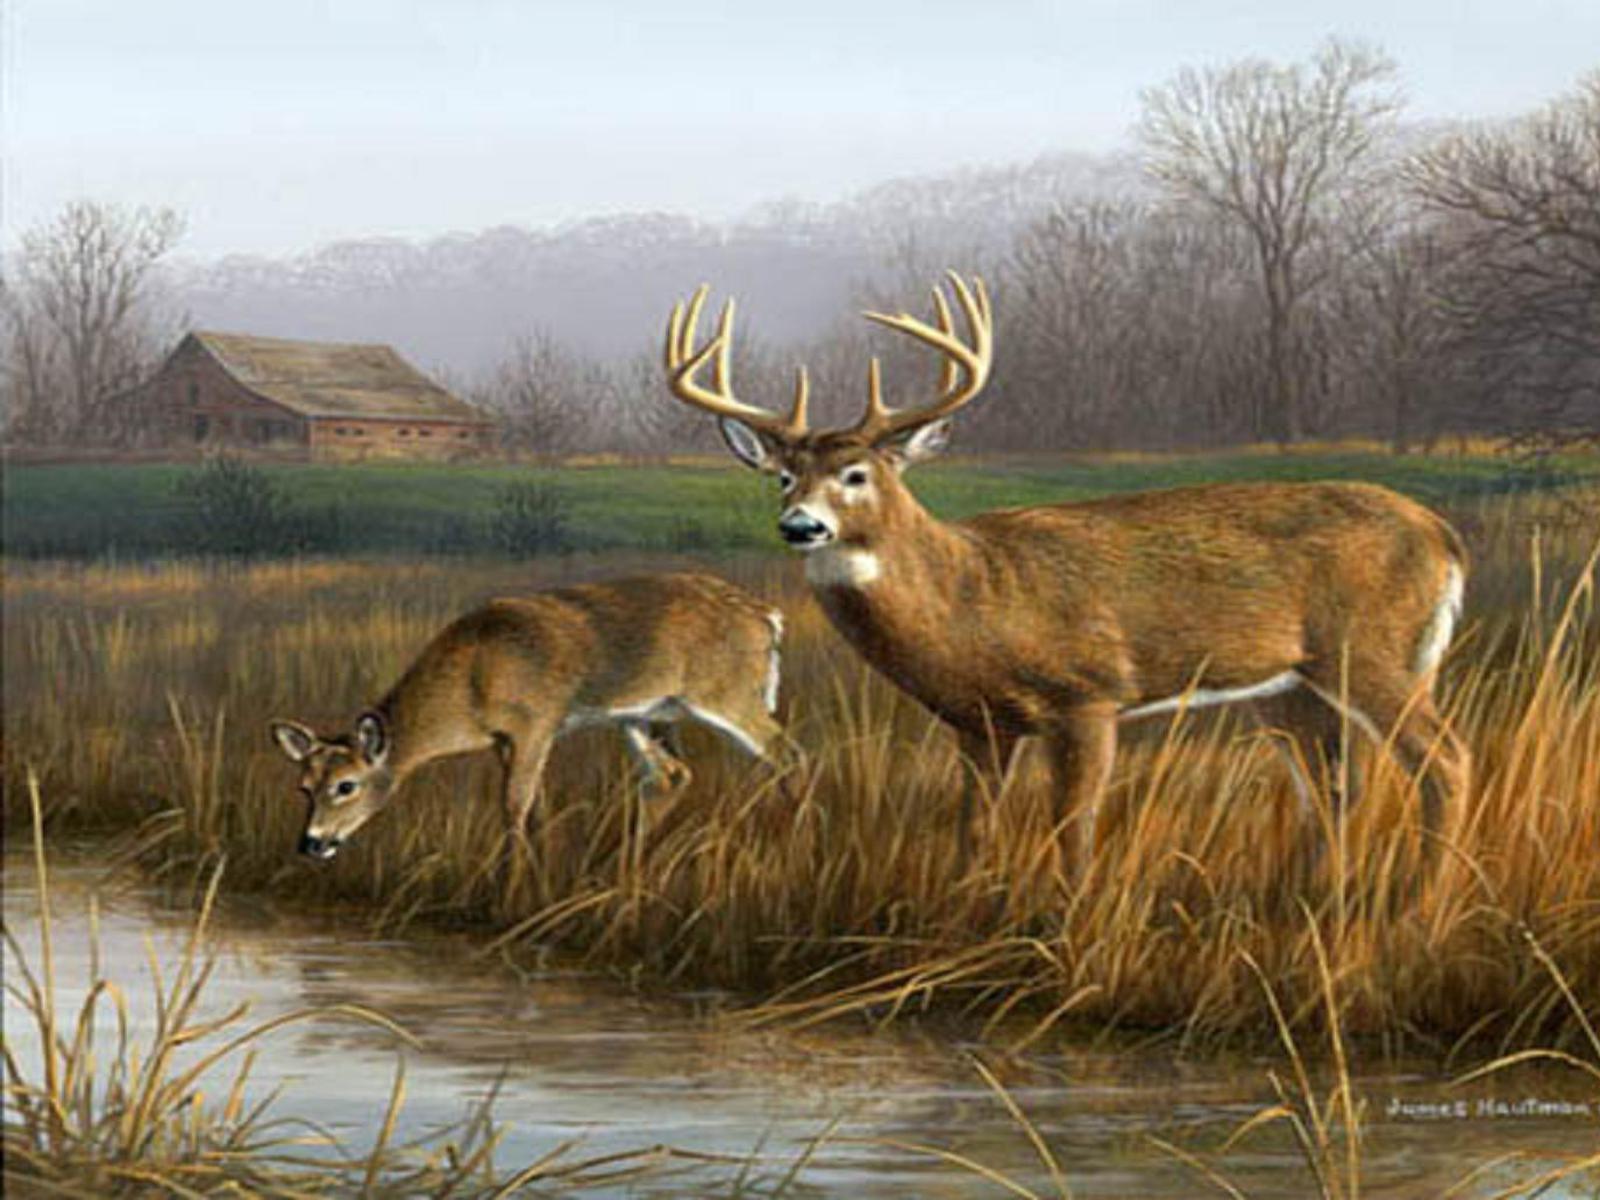 Download Deer Hunting Games Wallpaper 1600x1200 Full HD Wallpapers 1600x1200